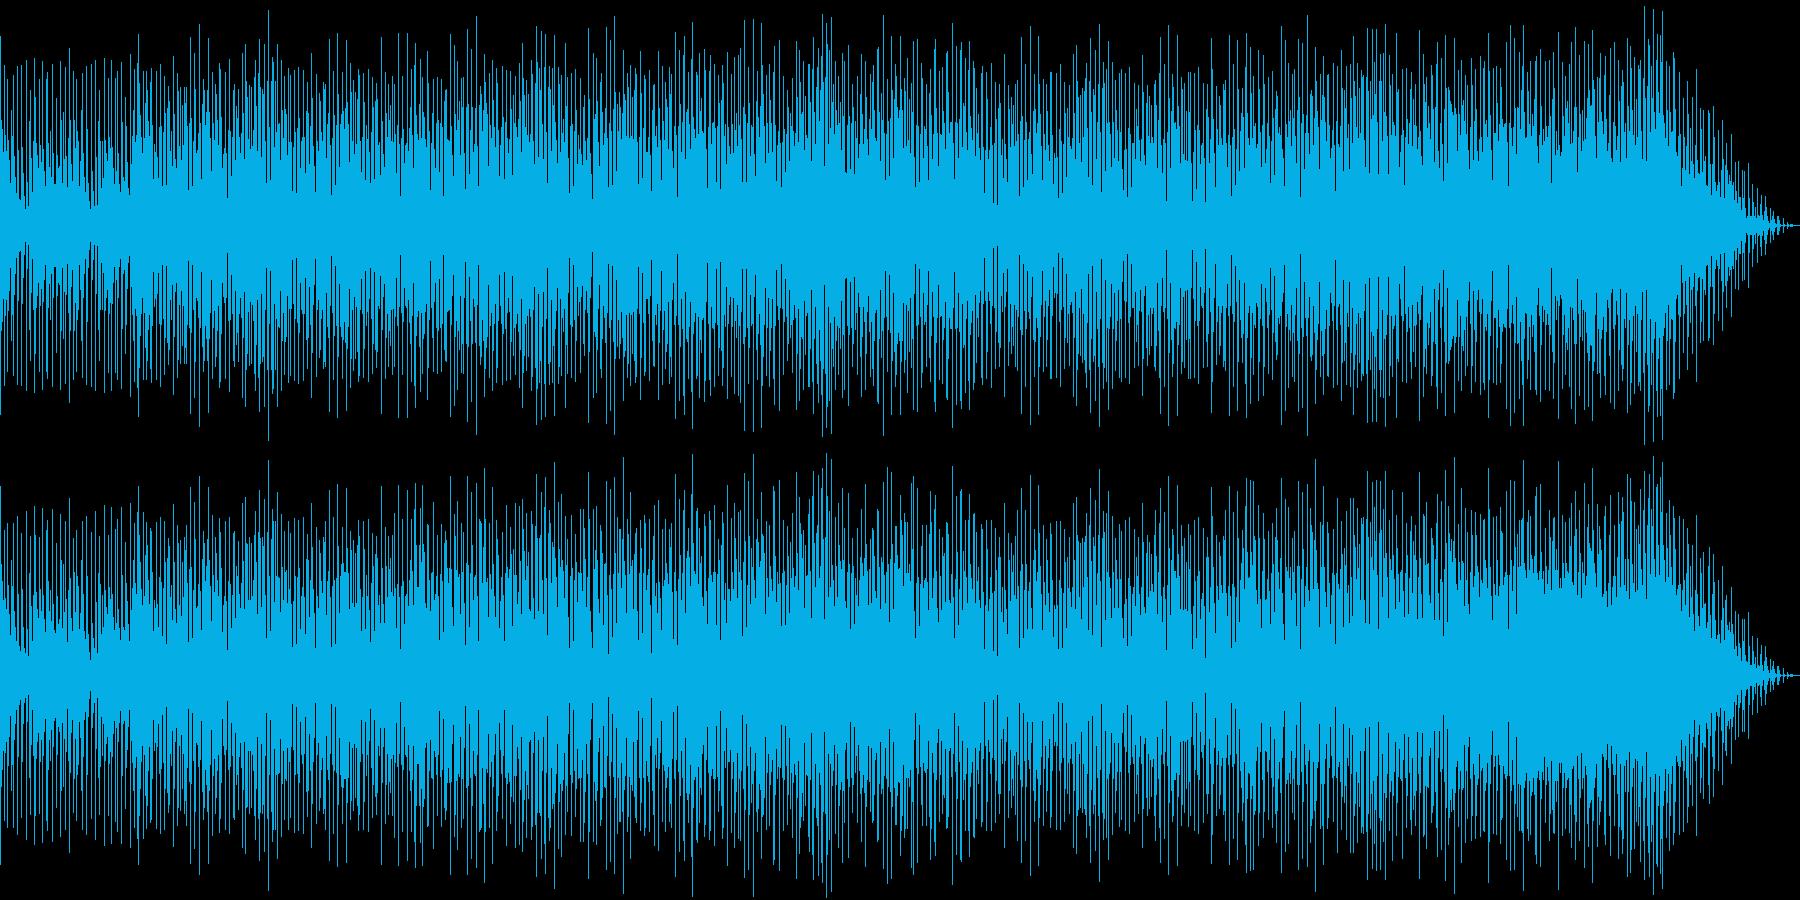 弾むテンポ感とシンセブラスのBGMの再生済みの波形